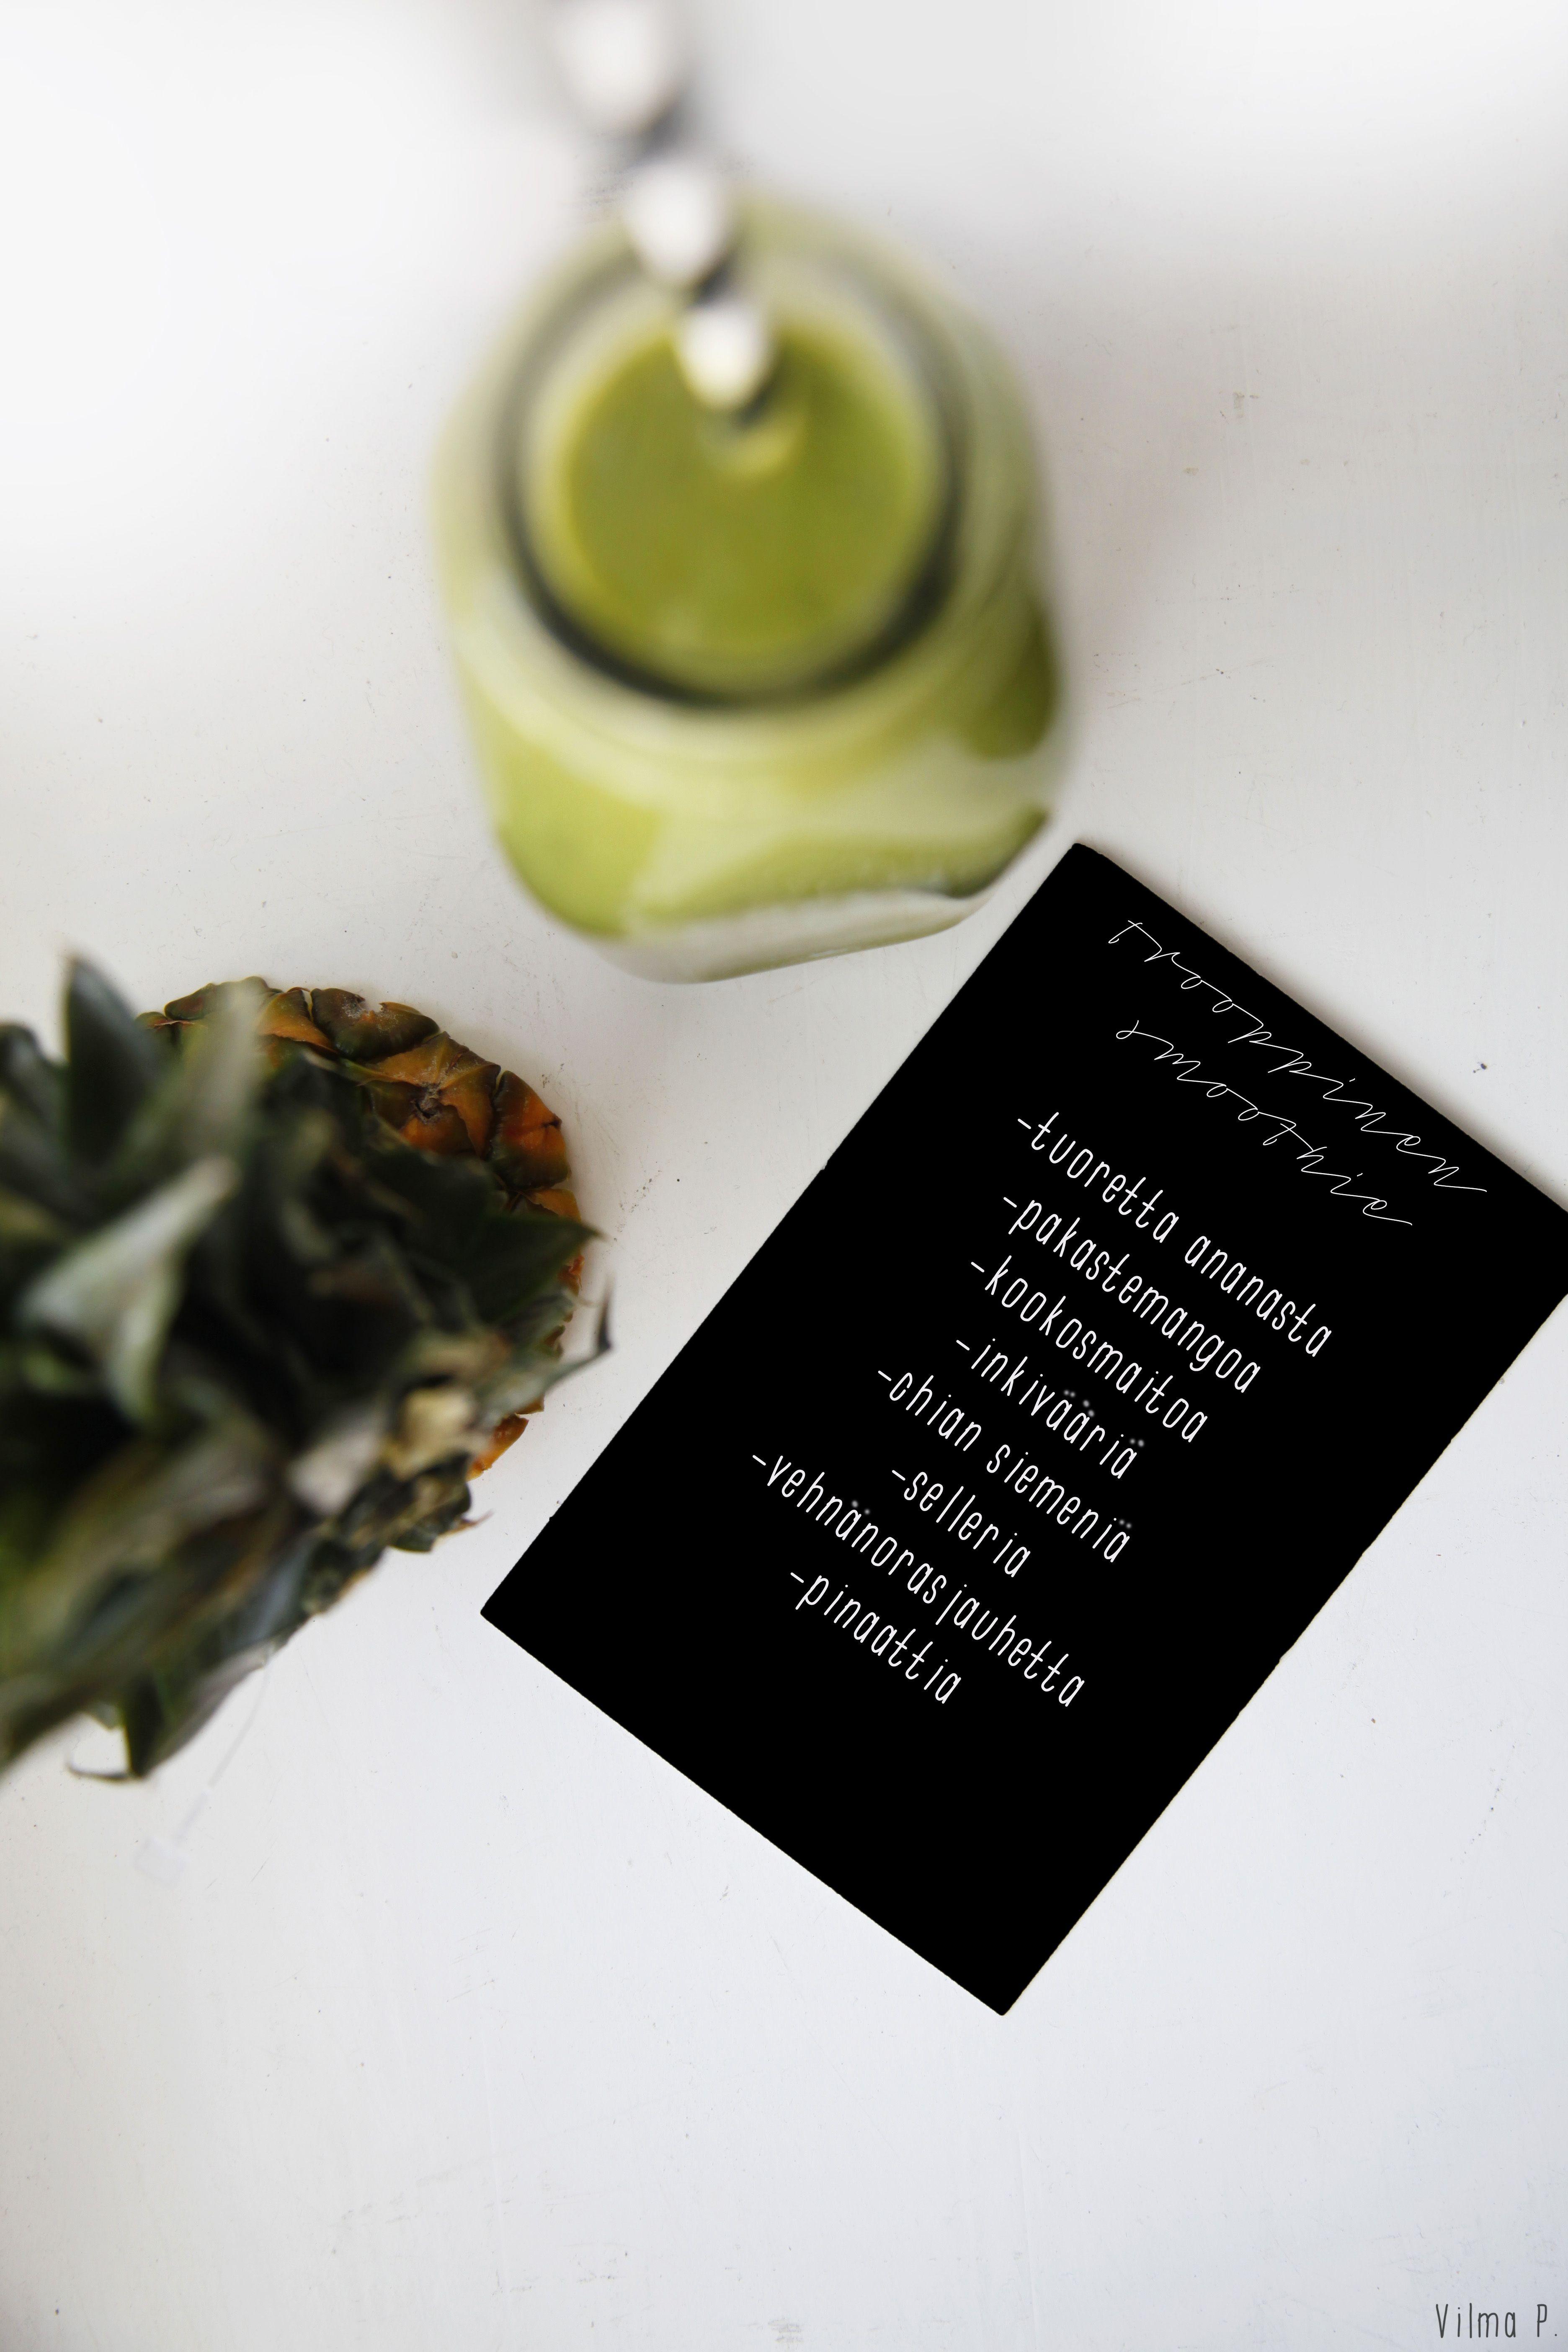 Tässä vielä yhteen koottuna tämän kesän suosikkismoothieni (kuvat alhaalla): Joka tilanteen vihersmoothie Maailman paras mansikkasmoothie Trooppinen ananassmoothie Smoothiet ovat paitsi helposti imeytyvää, huipputerveellistä ja herkullista ruokaa – myös helppo ja nopea valinta. Smoothie on myös kätevä eväs, jos ostaa kannellisen pullon tai pillillisen ja muovisen smoothielasin (saa ostettua esim. Starbucks-kahviloista). Sekaan voi laittaa lähes mitä... View Article